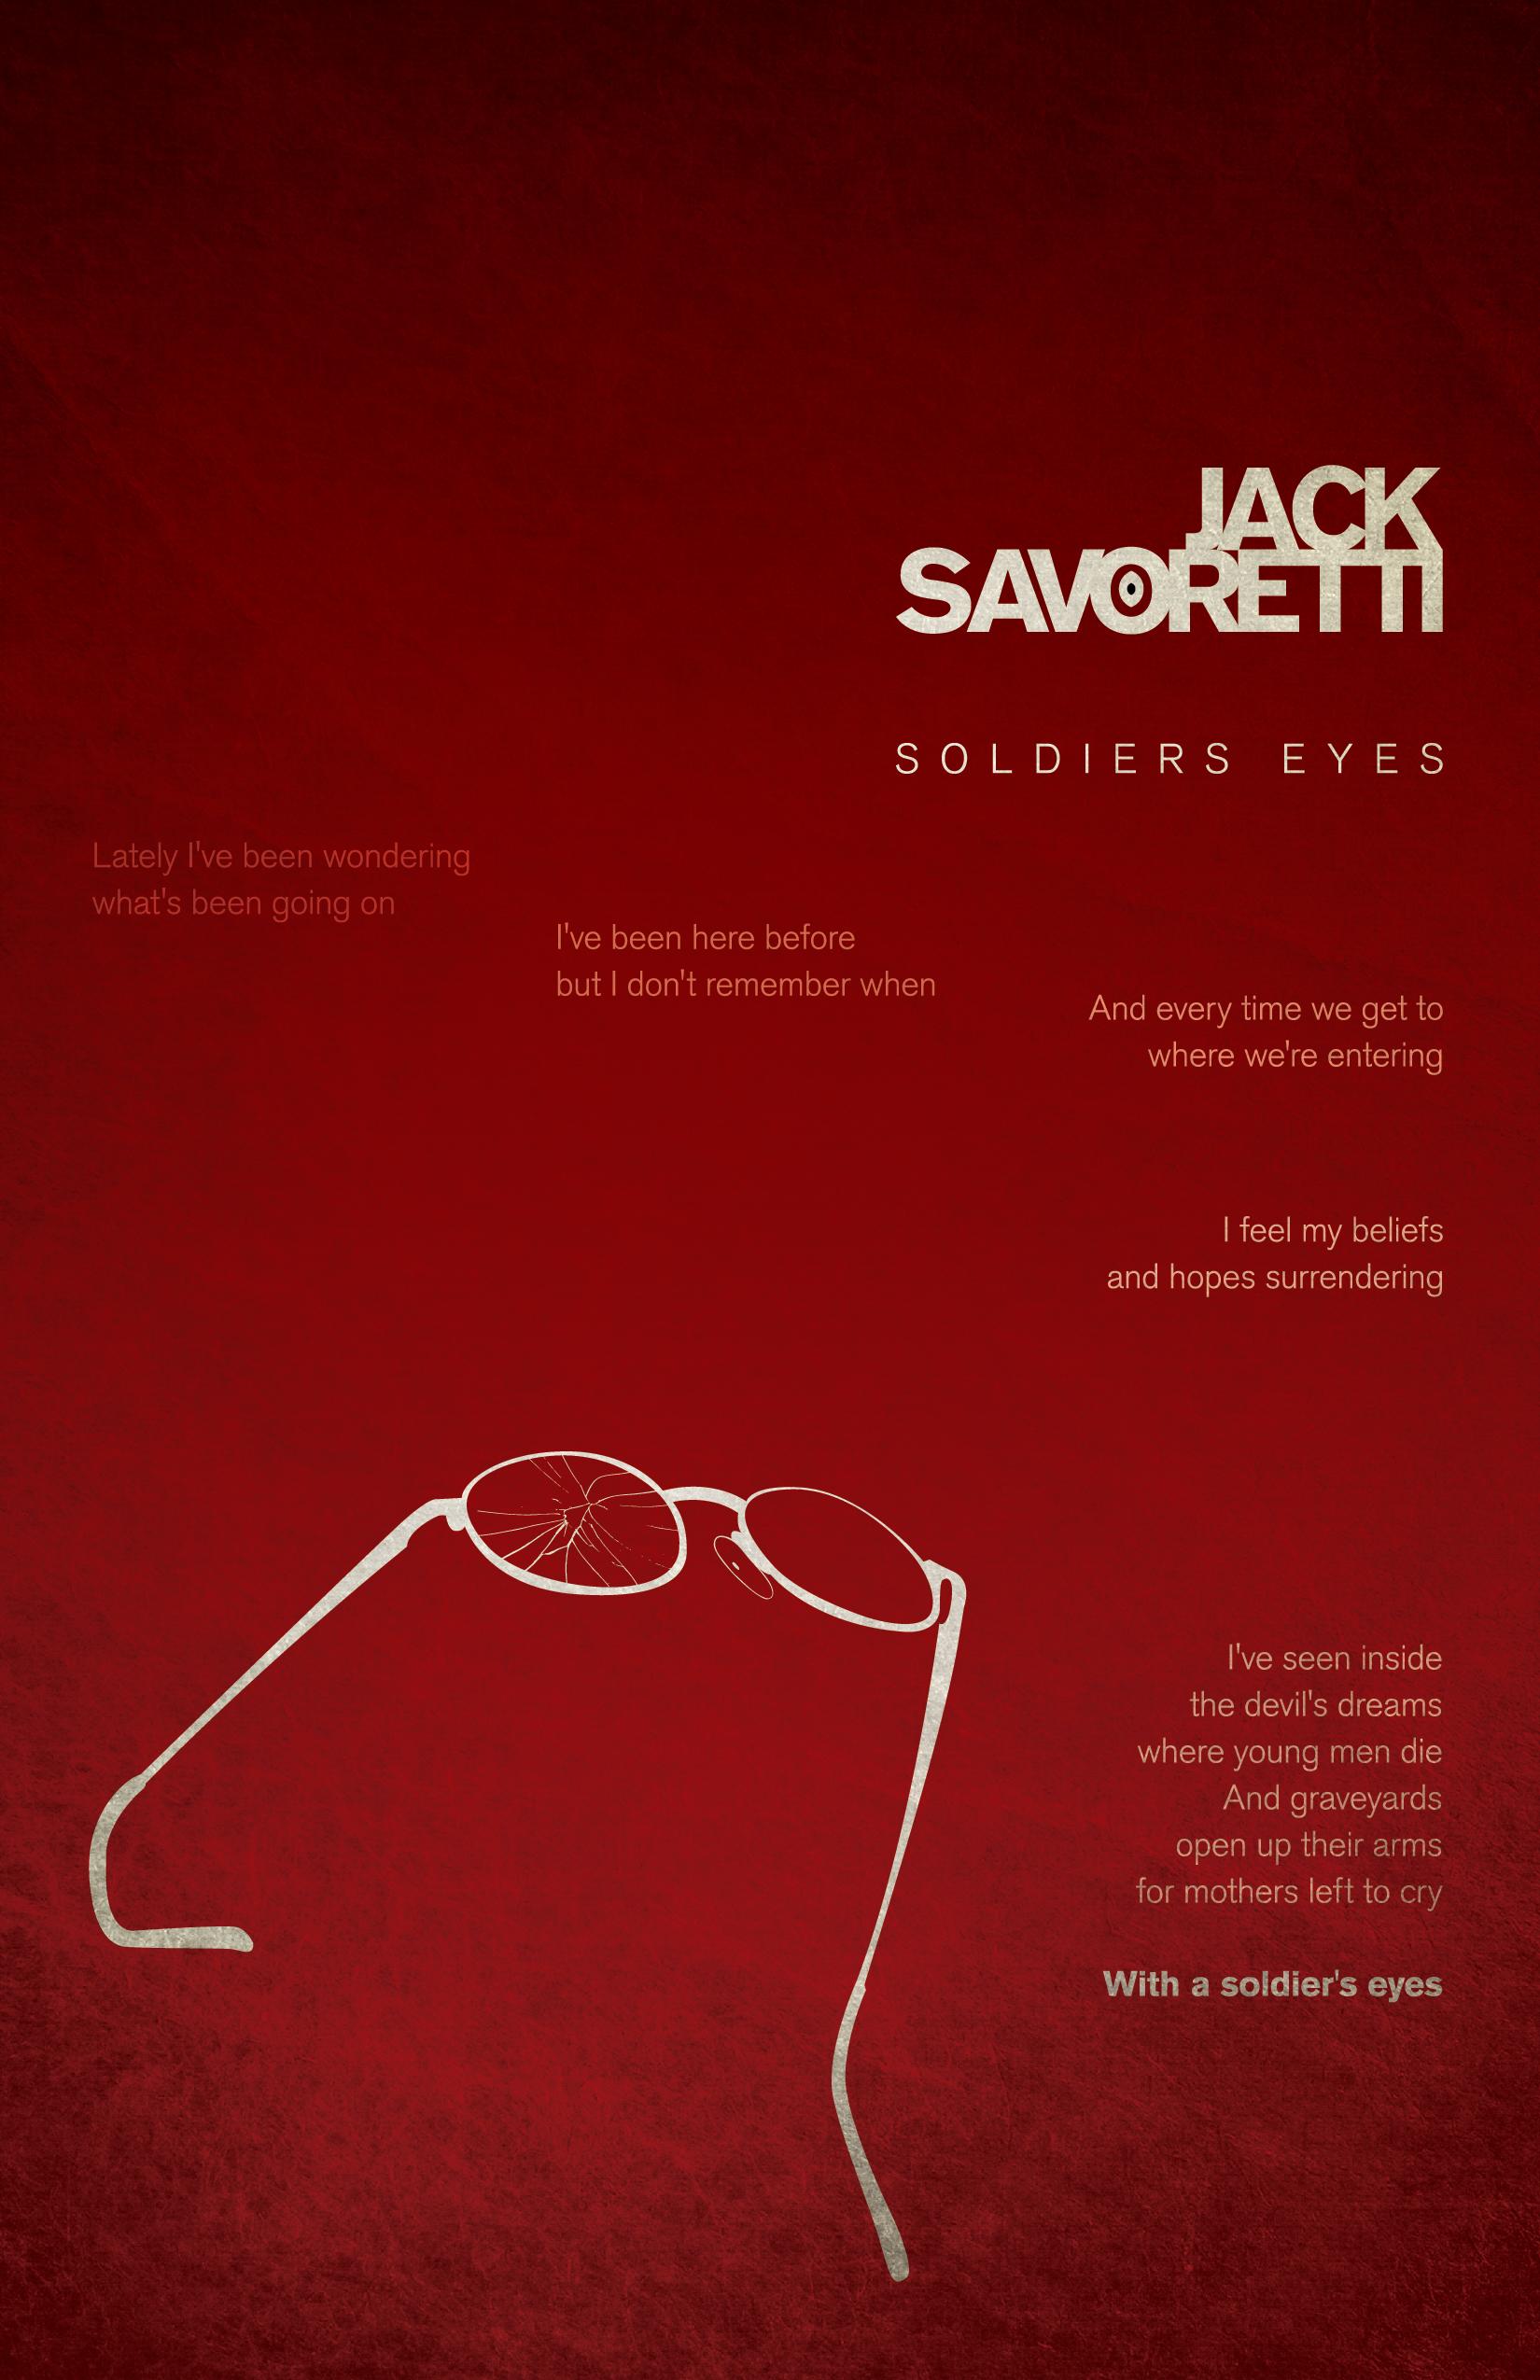 JACKSAVORETTI _Soldiers Eyes_004-01.jpg